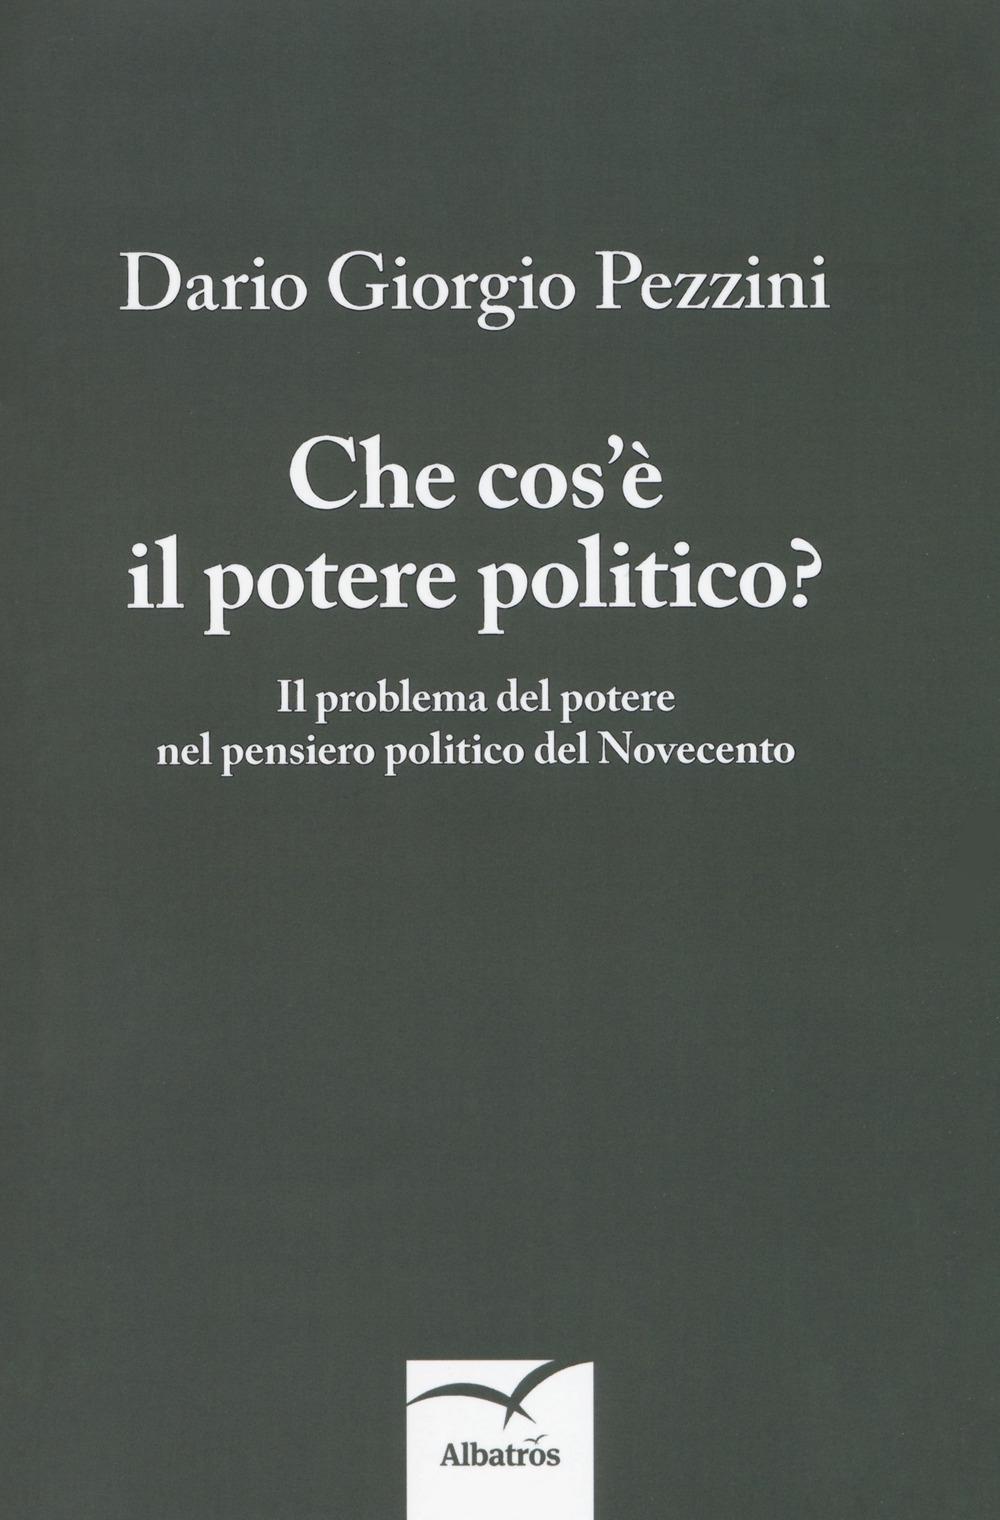 Che cos'è il potere politico? Il problema del potere nel pensiero politico del Novecento